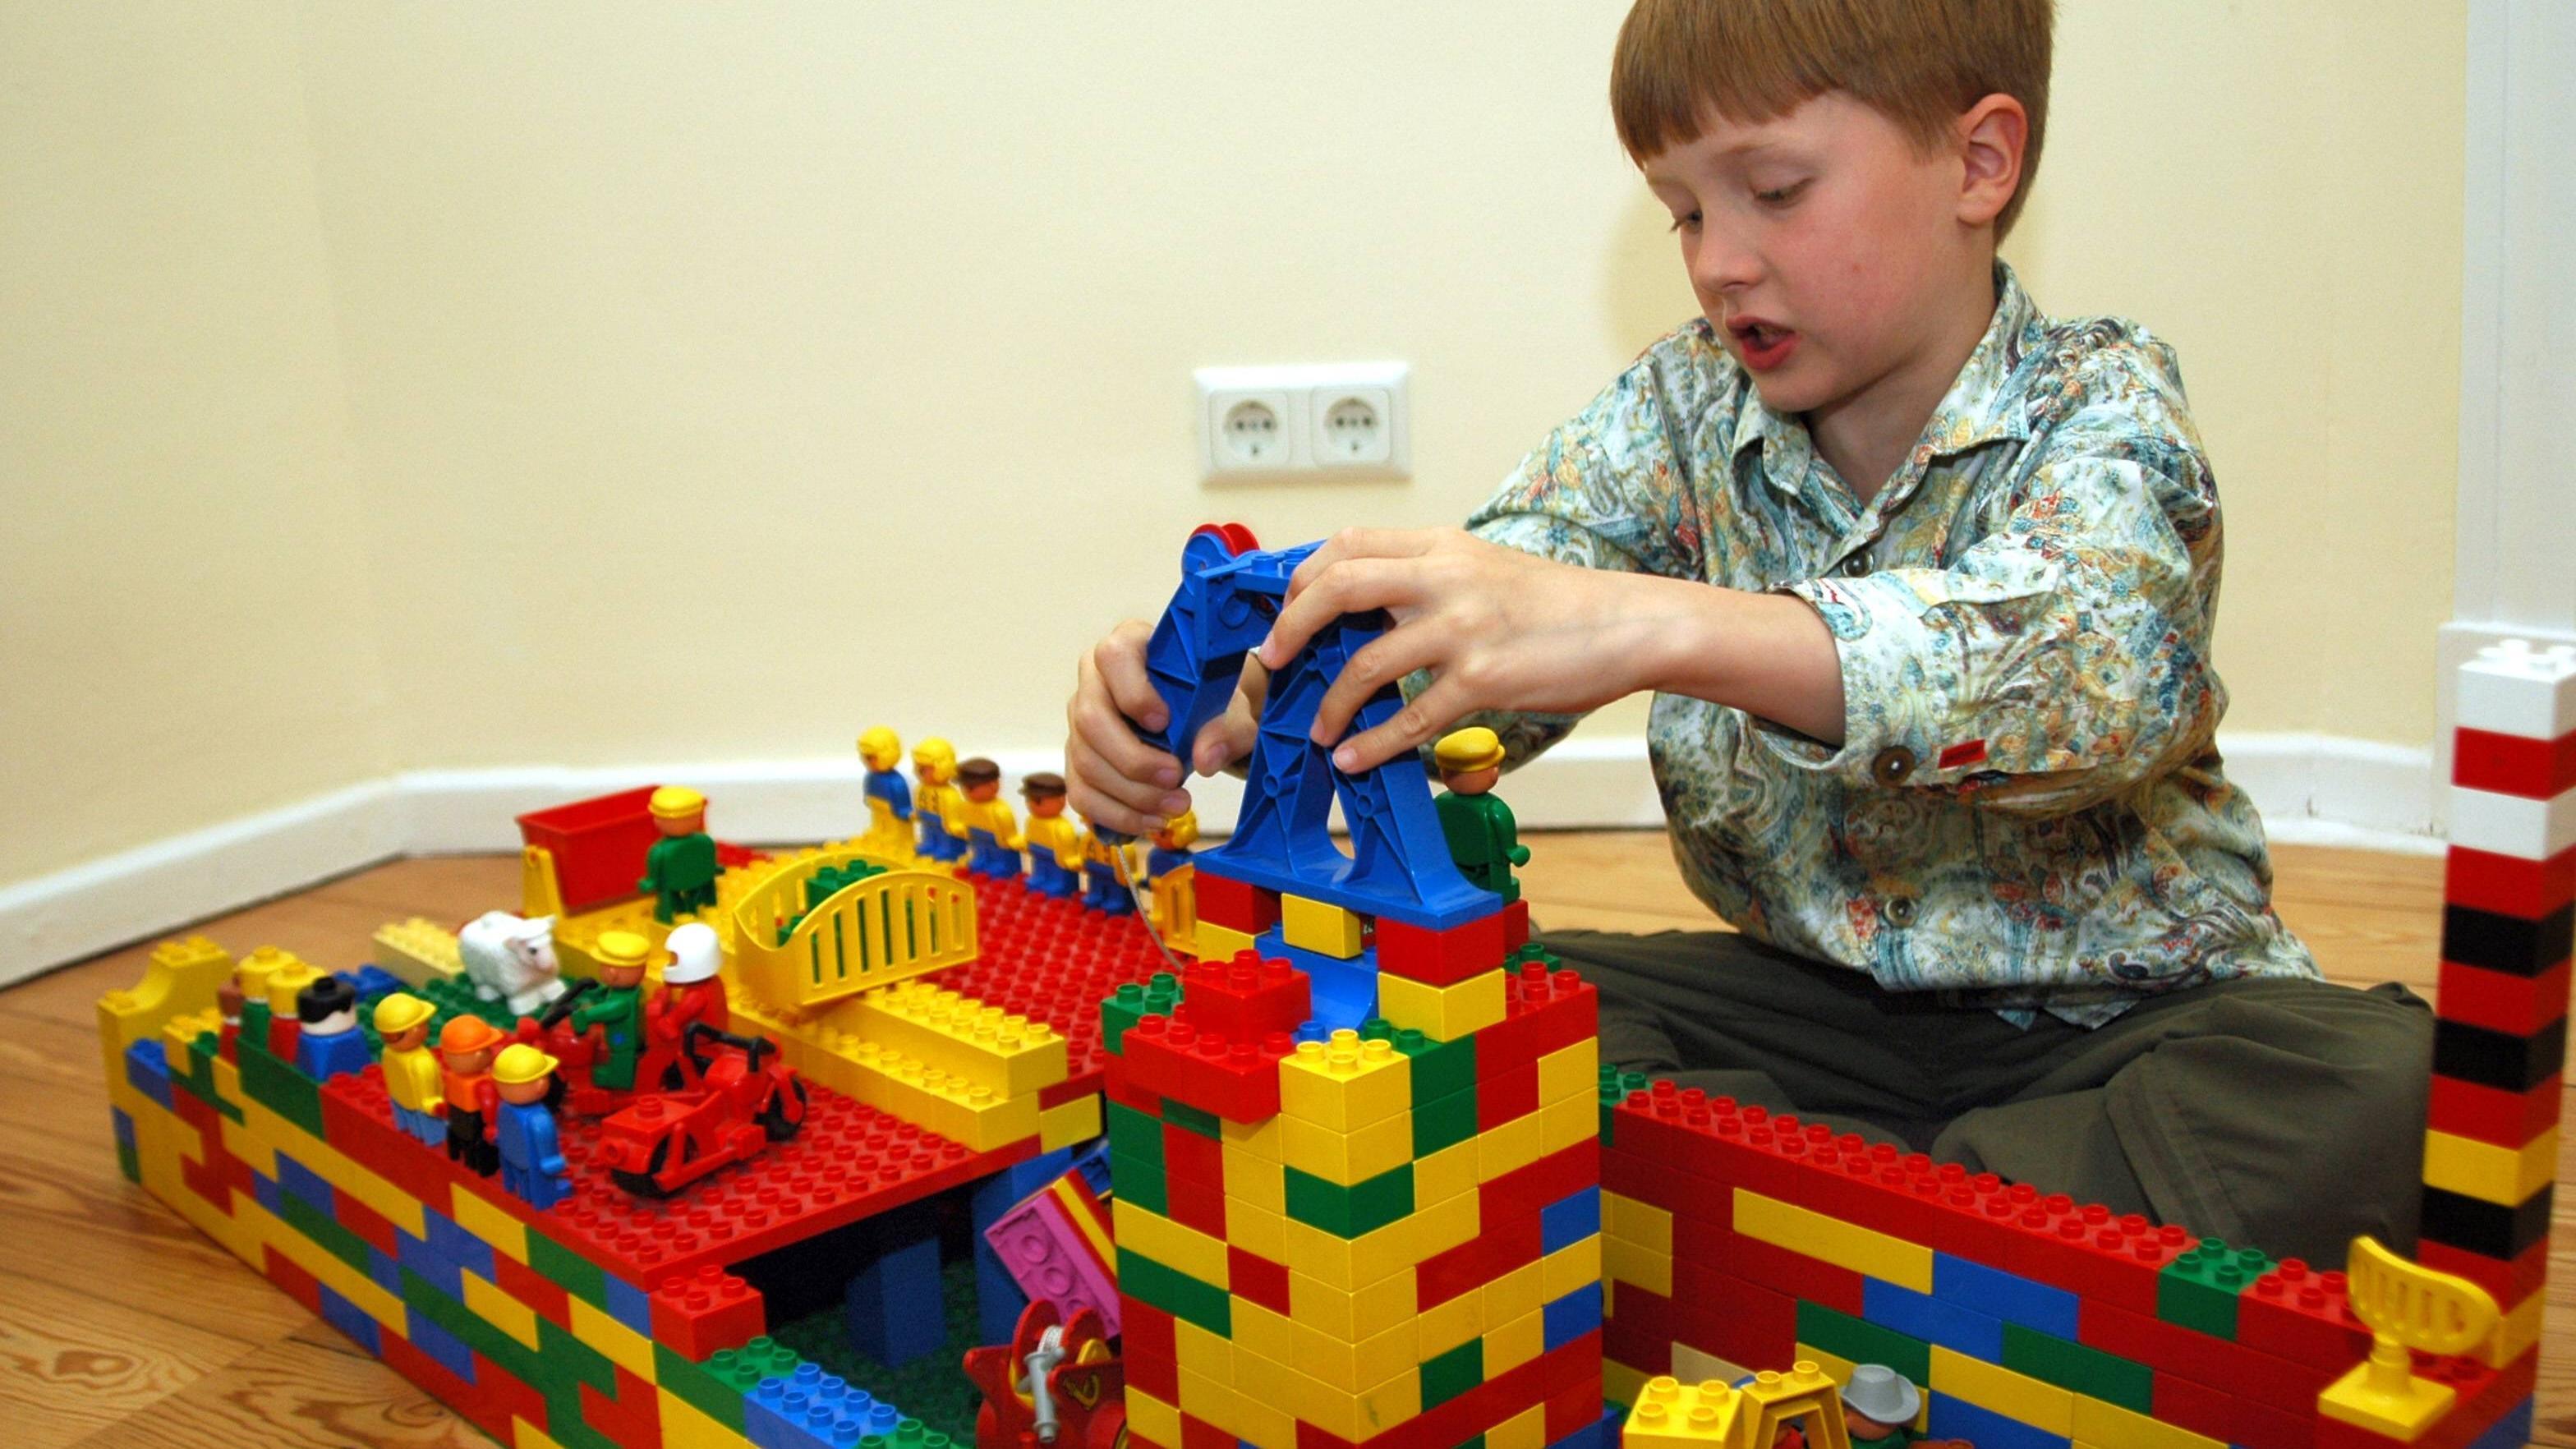 Die Klemmbausteine von Wange und Lego sind kompatibel